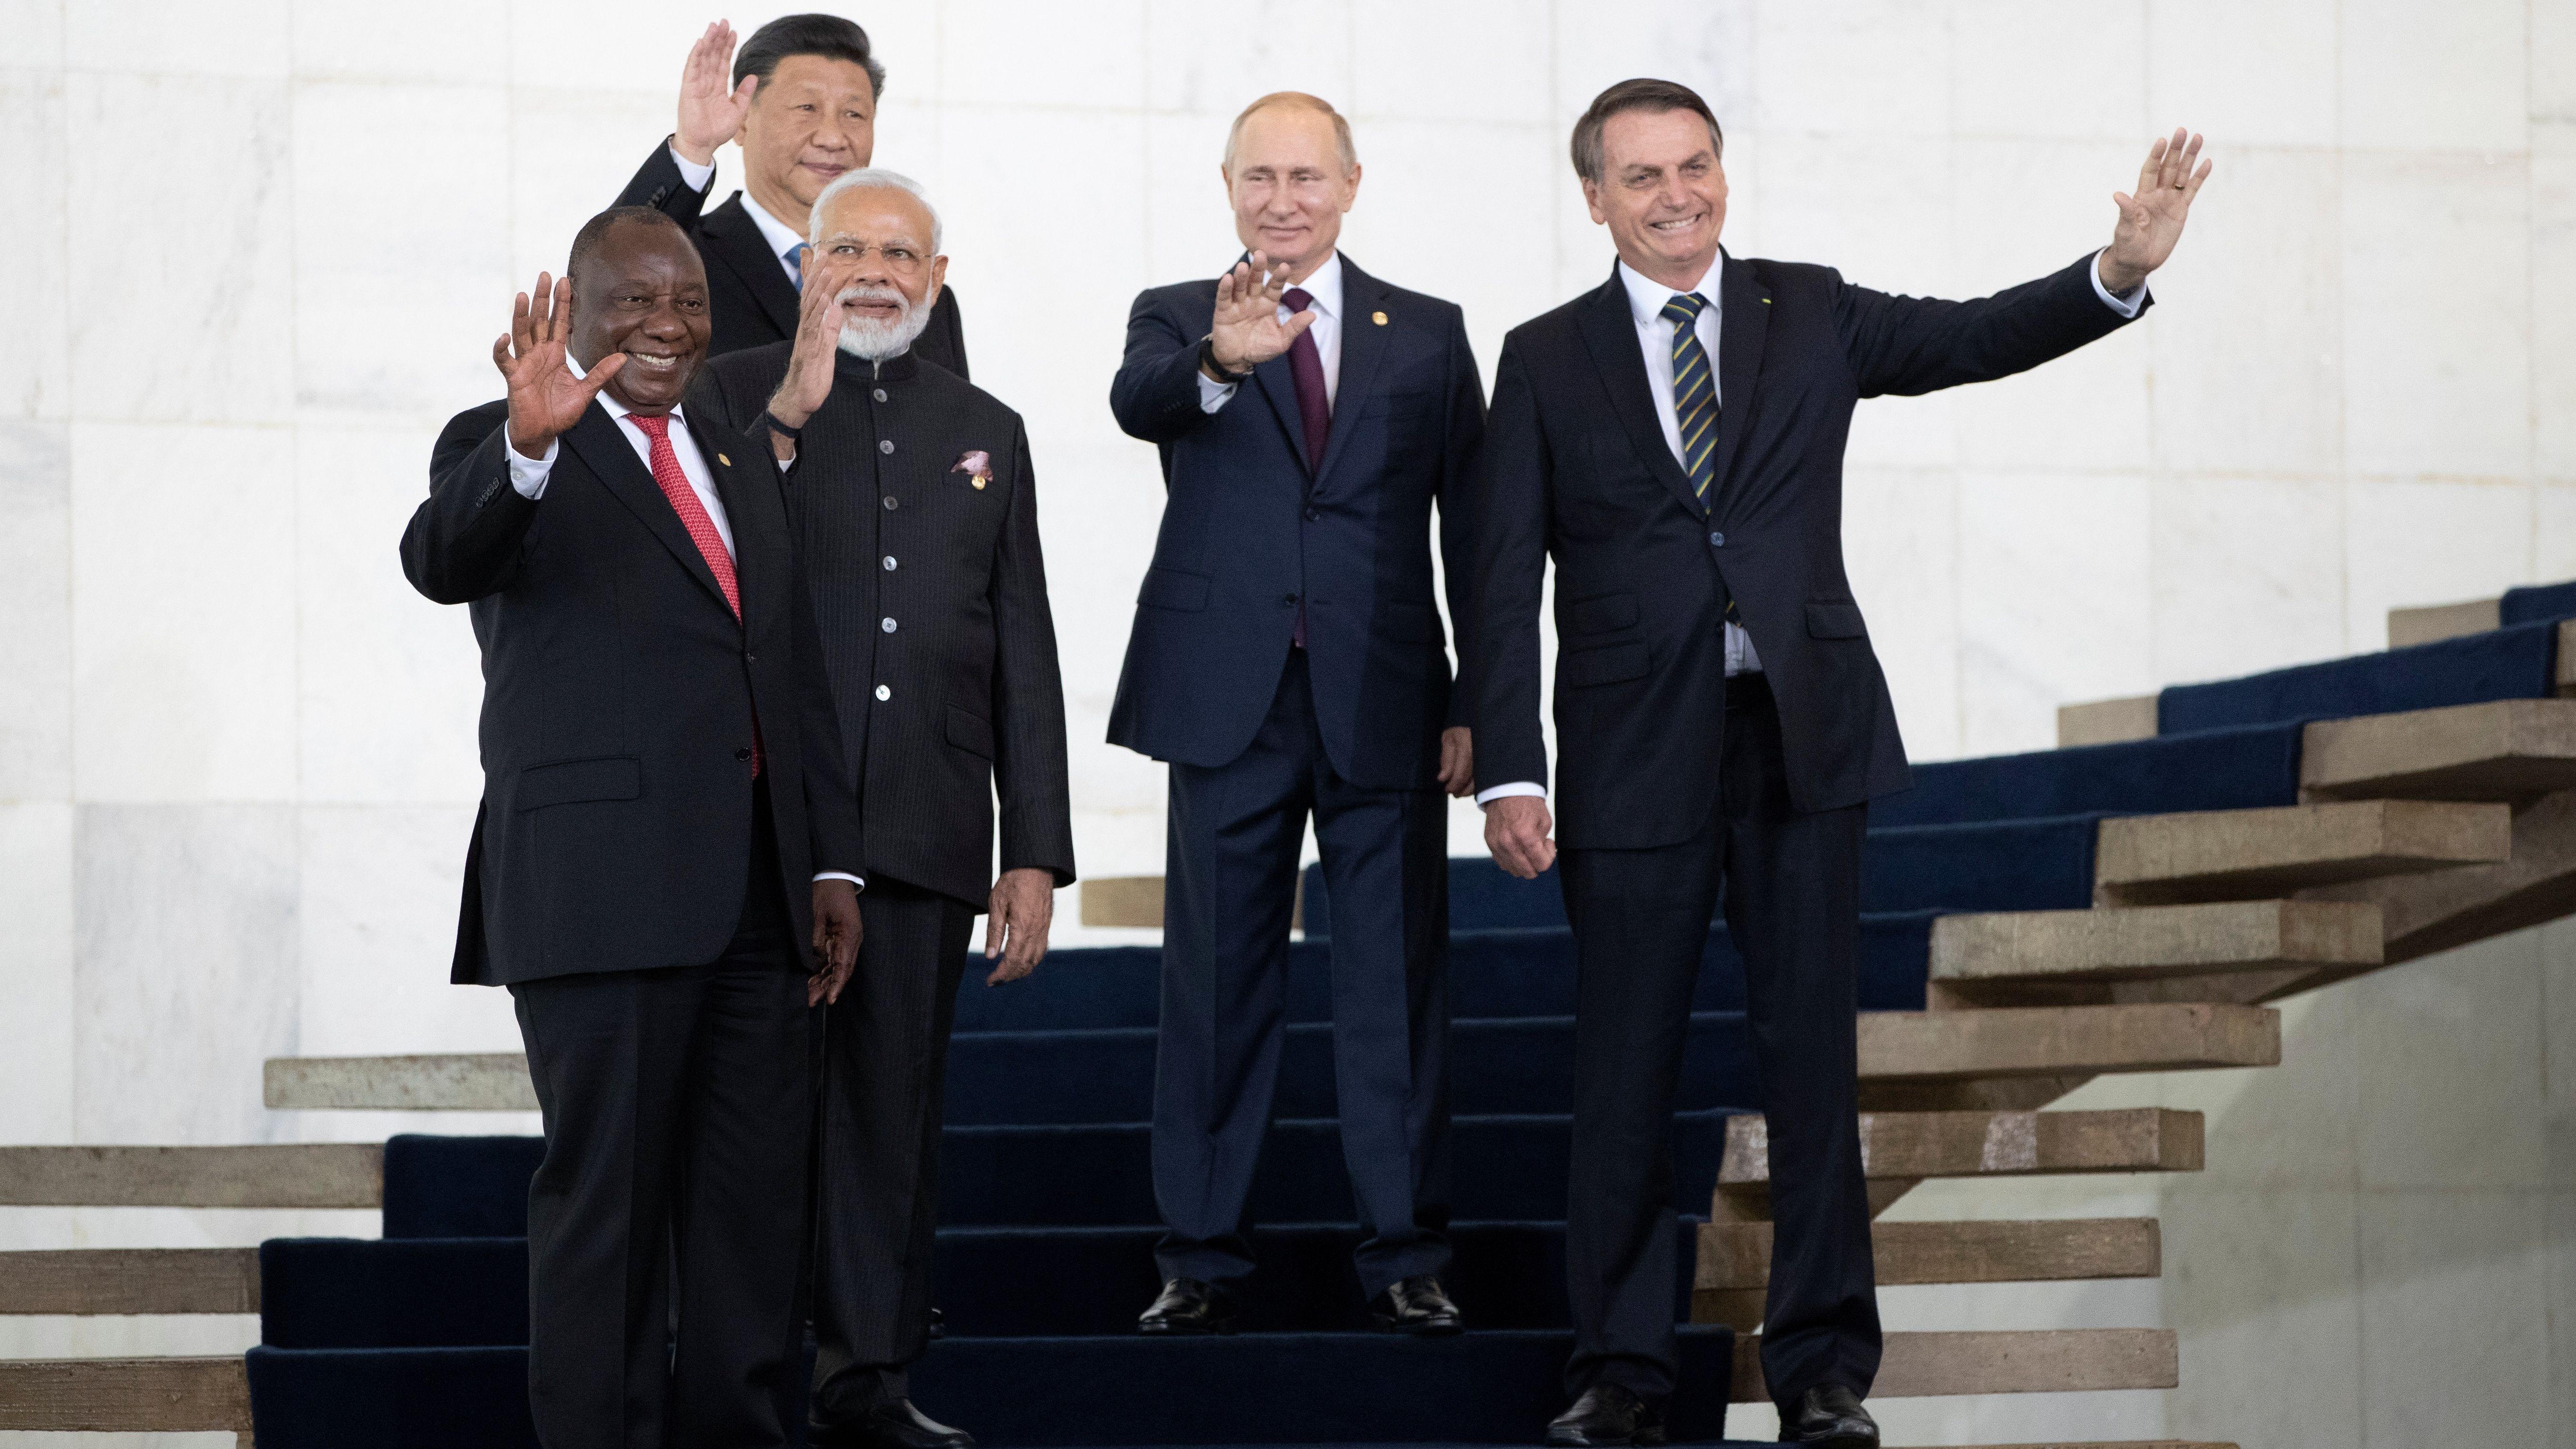 En la Cumbre de jefes de Estado del BRICS, Bolsonaro inició conversaciones con Xi Jinping para un acuerdo de libre comercio entre Brasil y China